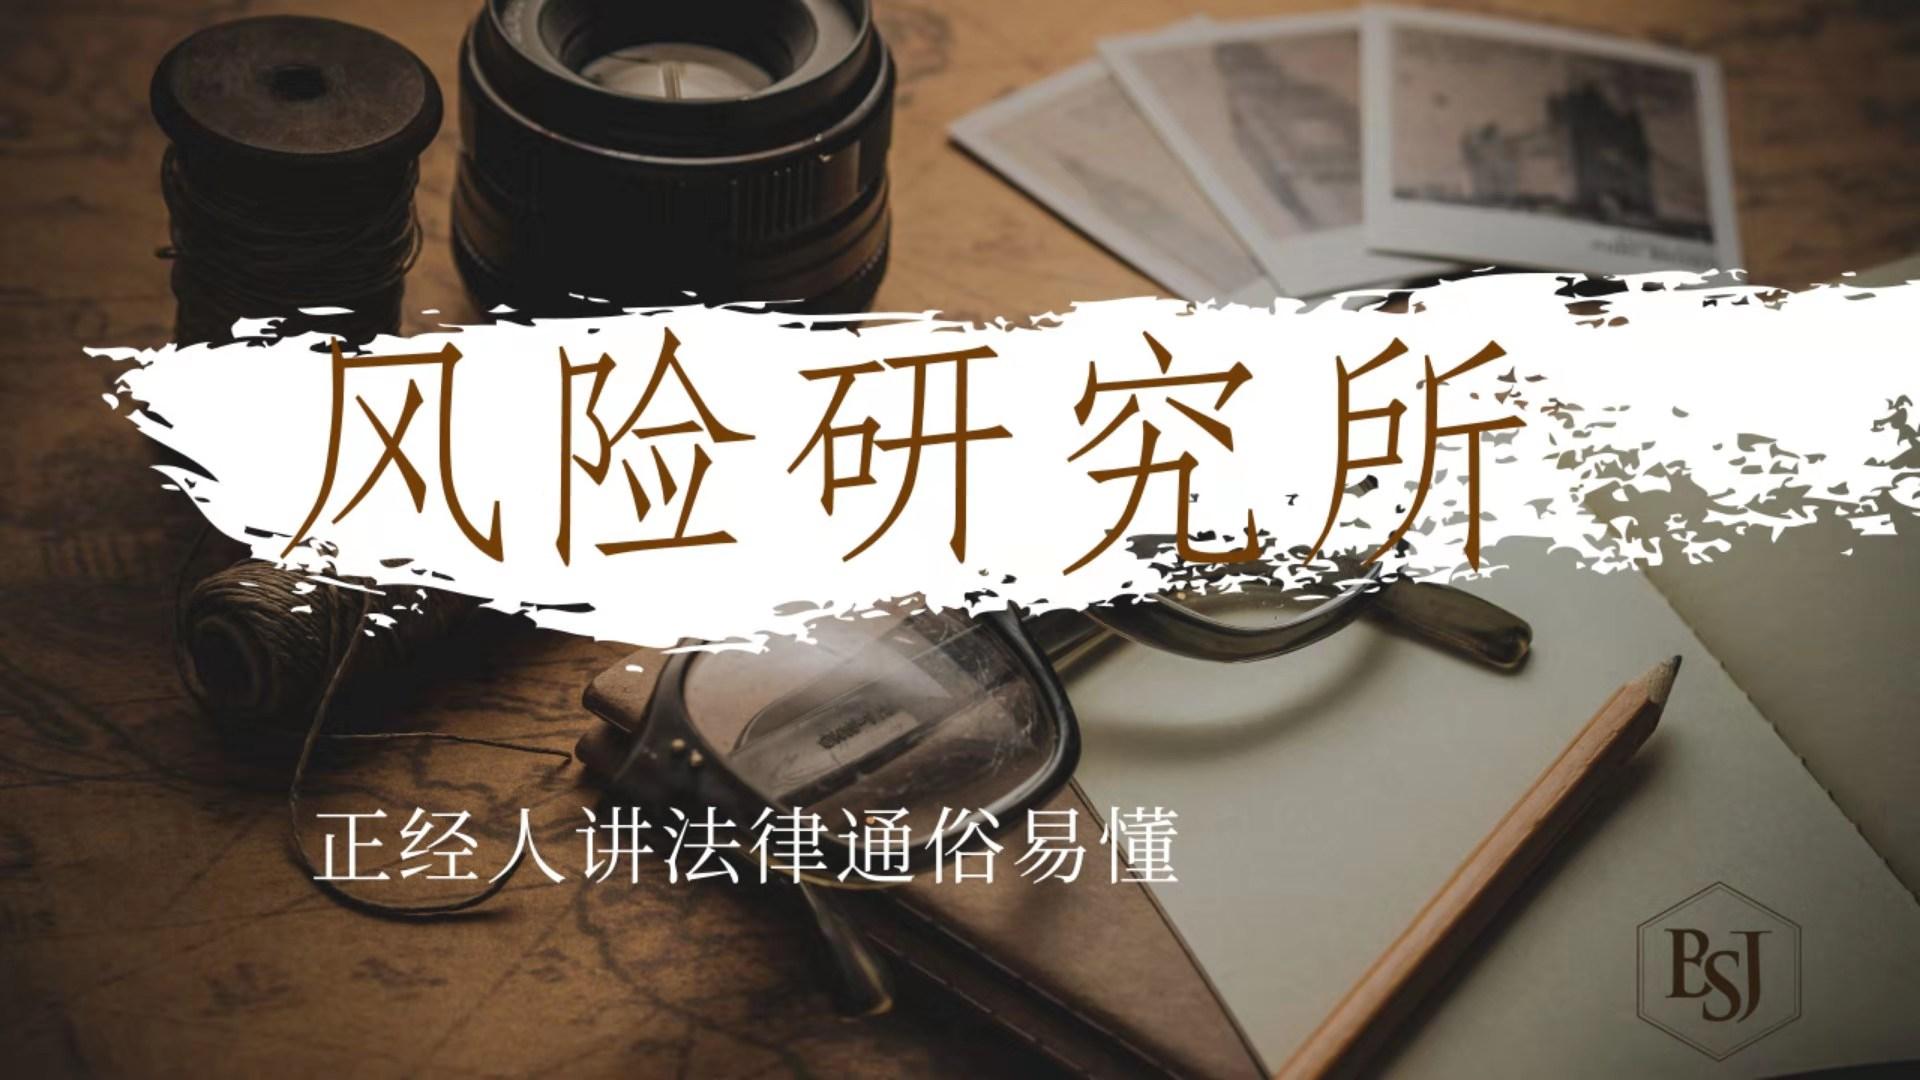 广州企业法律顾问律师成功代理颜袆彤股权转让纠纷案